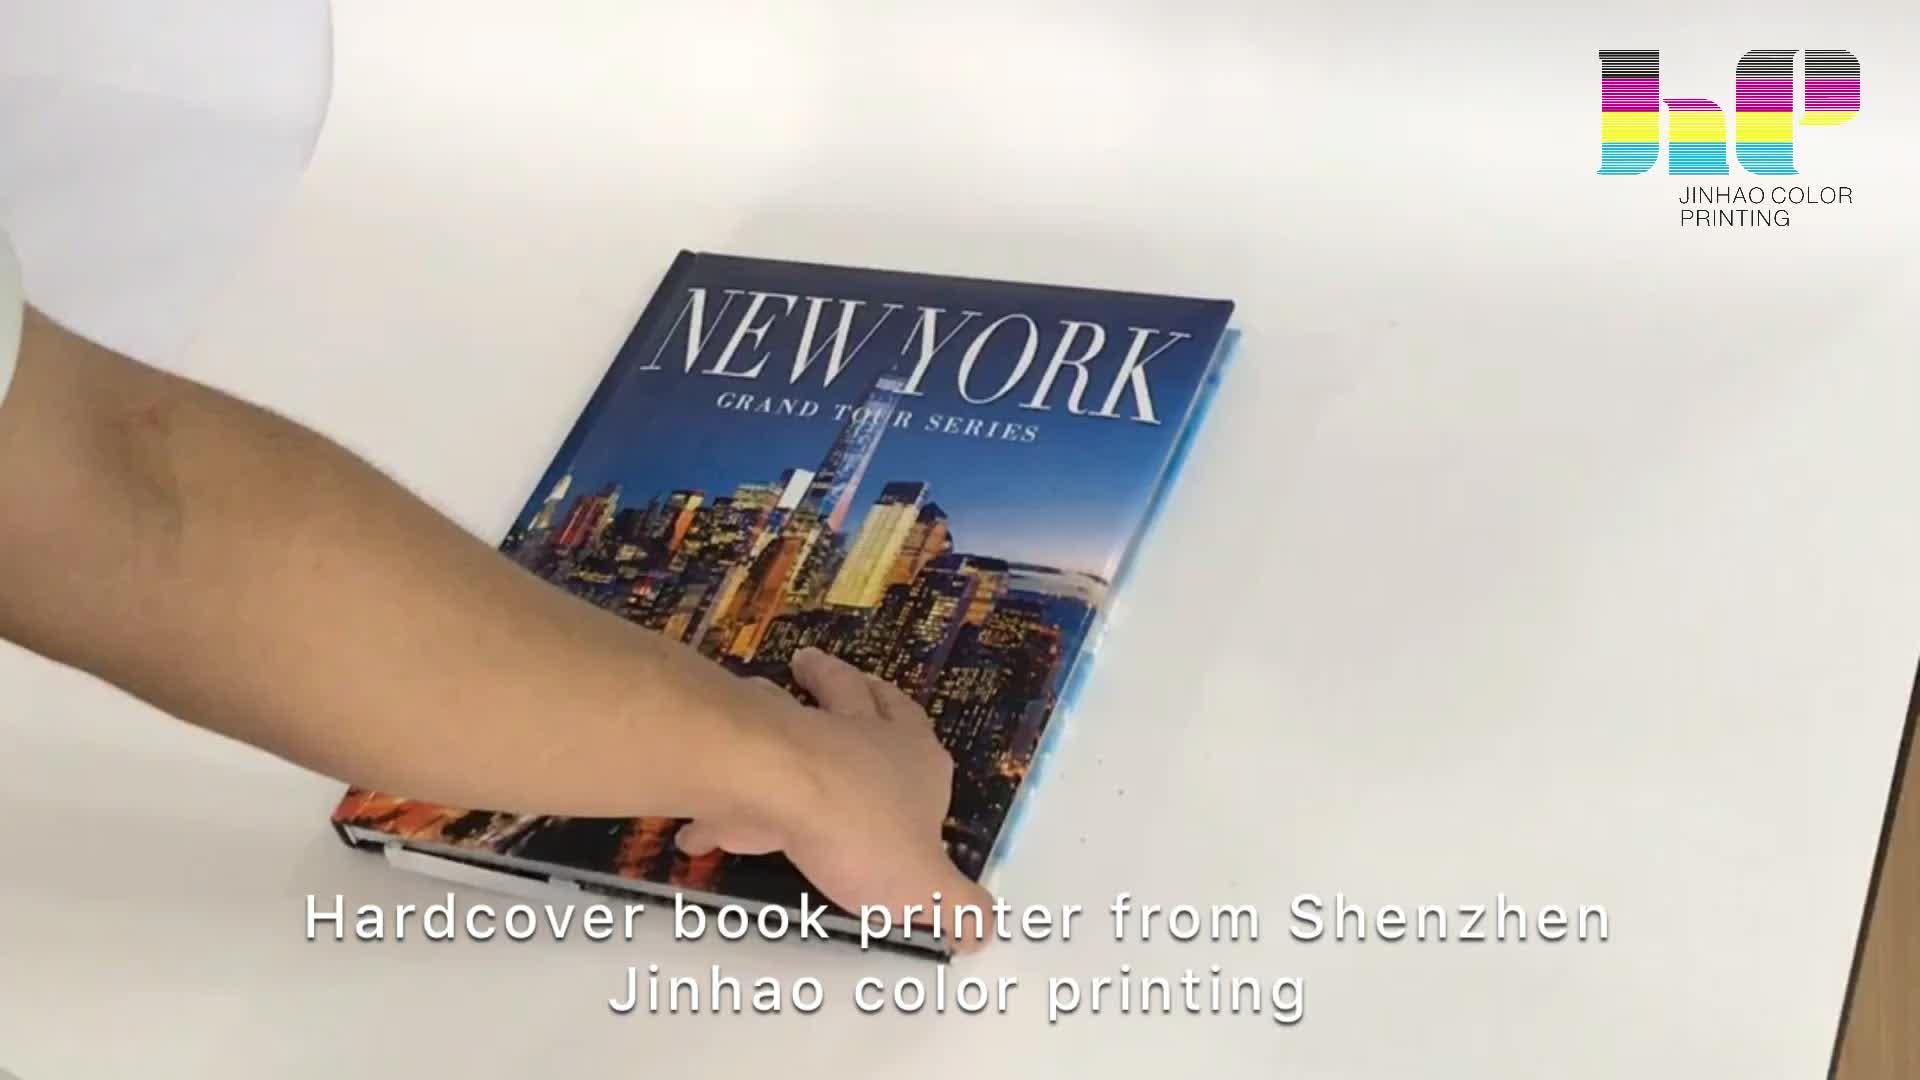 ด้านคุณภาพปกหนังสือโต๊ะกาแฟเครื่องพิมพ์หนังสือปกแข็ง